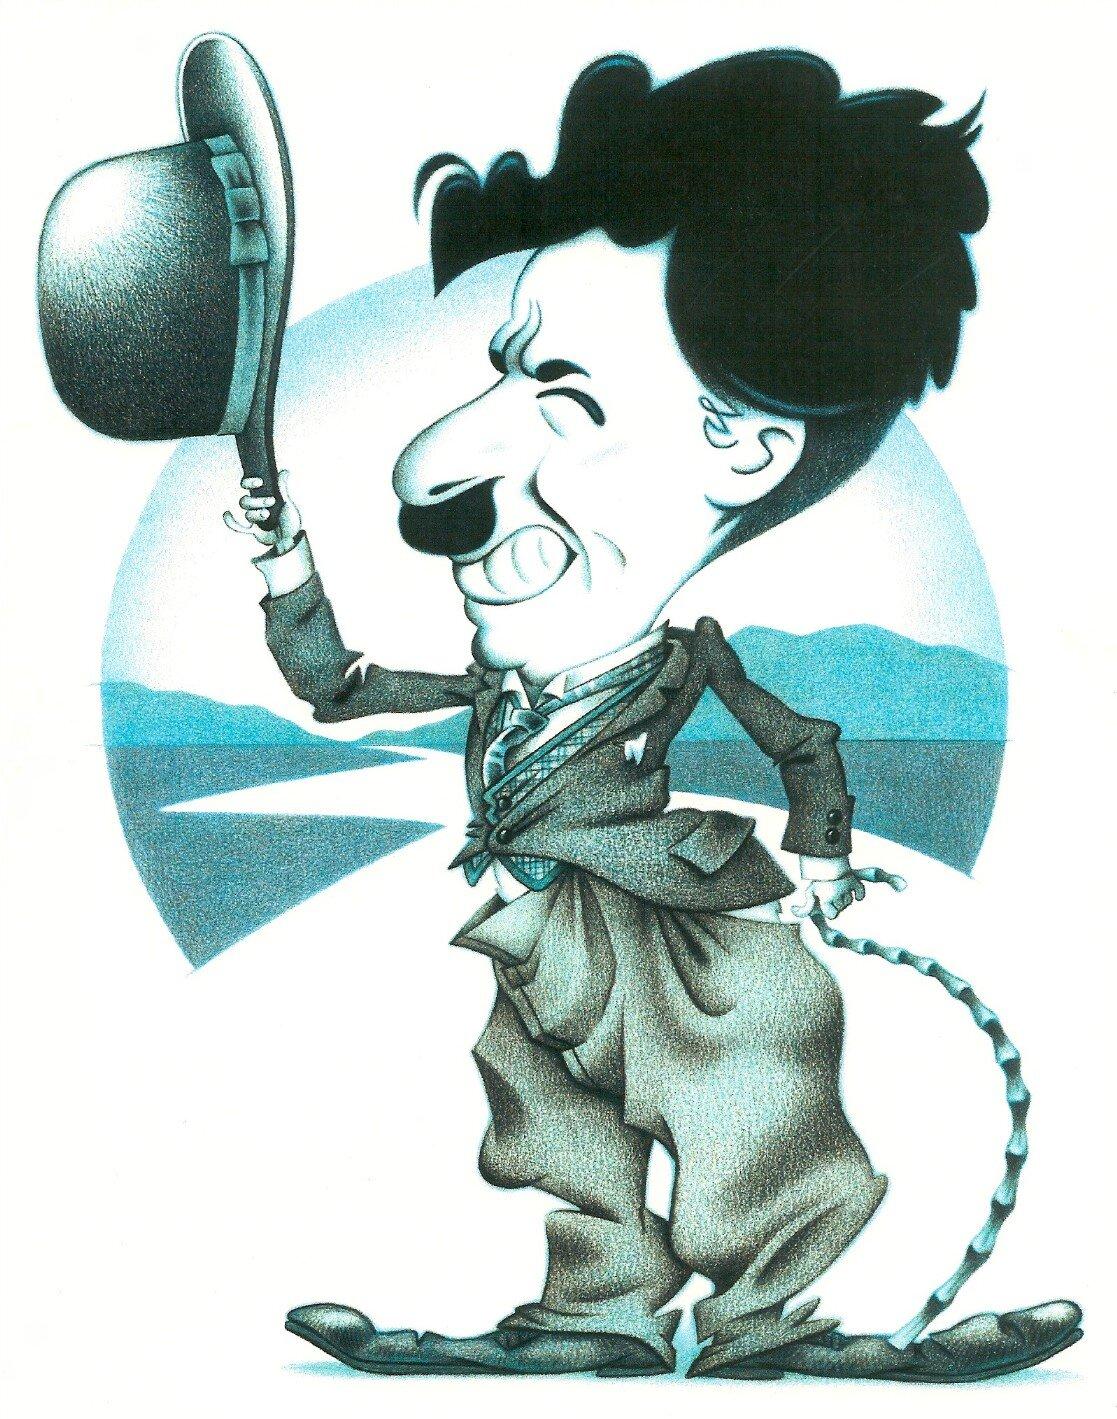 Karykatura Charliego Chaplina Karykatura Charliego Chaplina Źródło: Greg Williams, licencja: CC BY-SA 2.5.